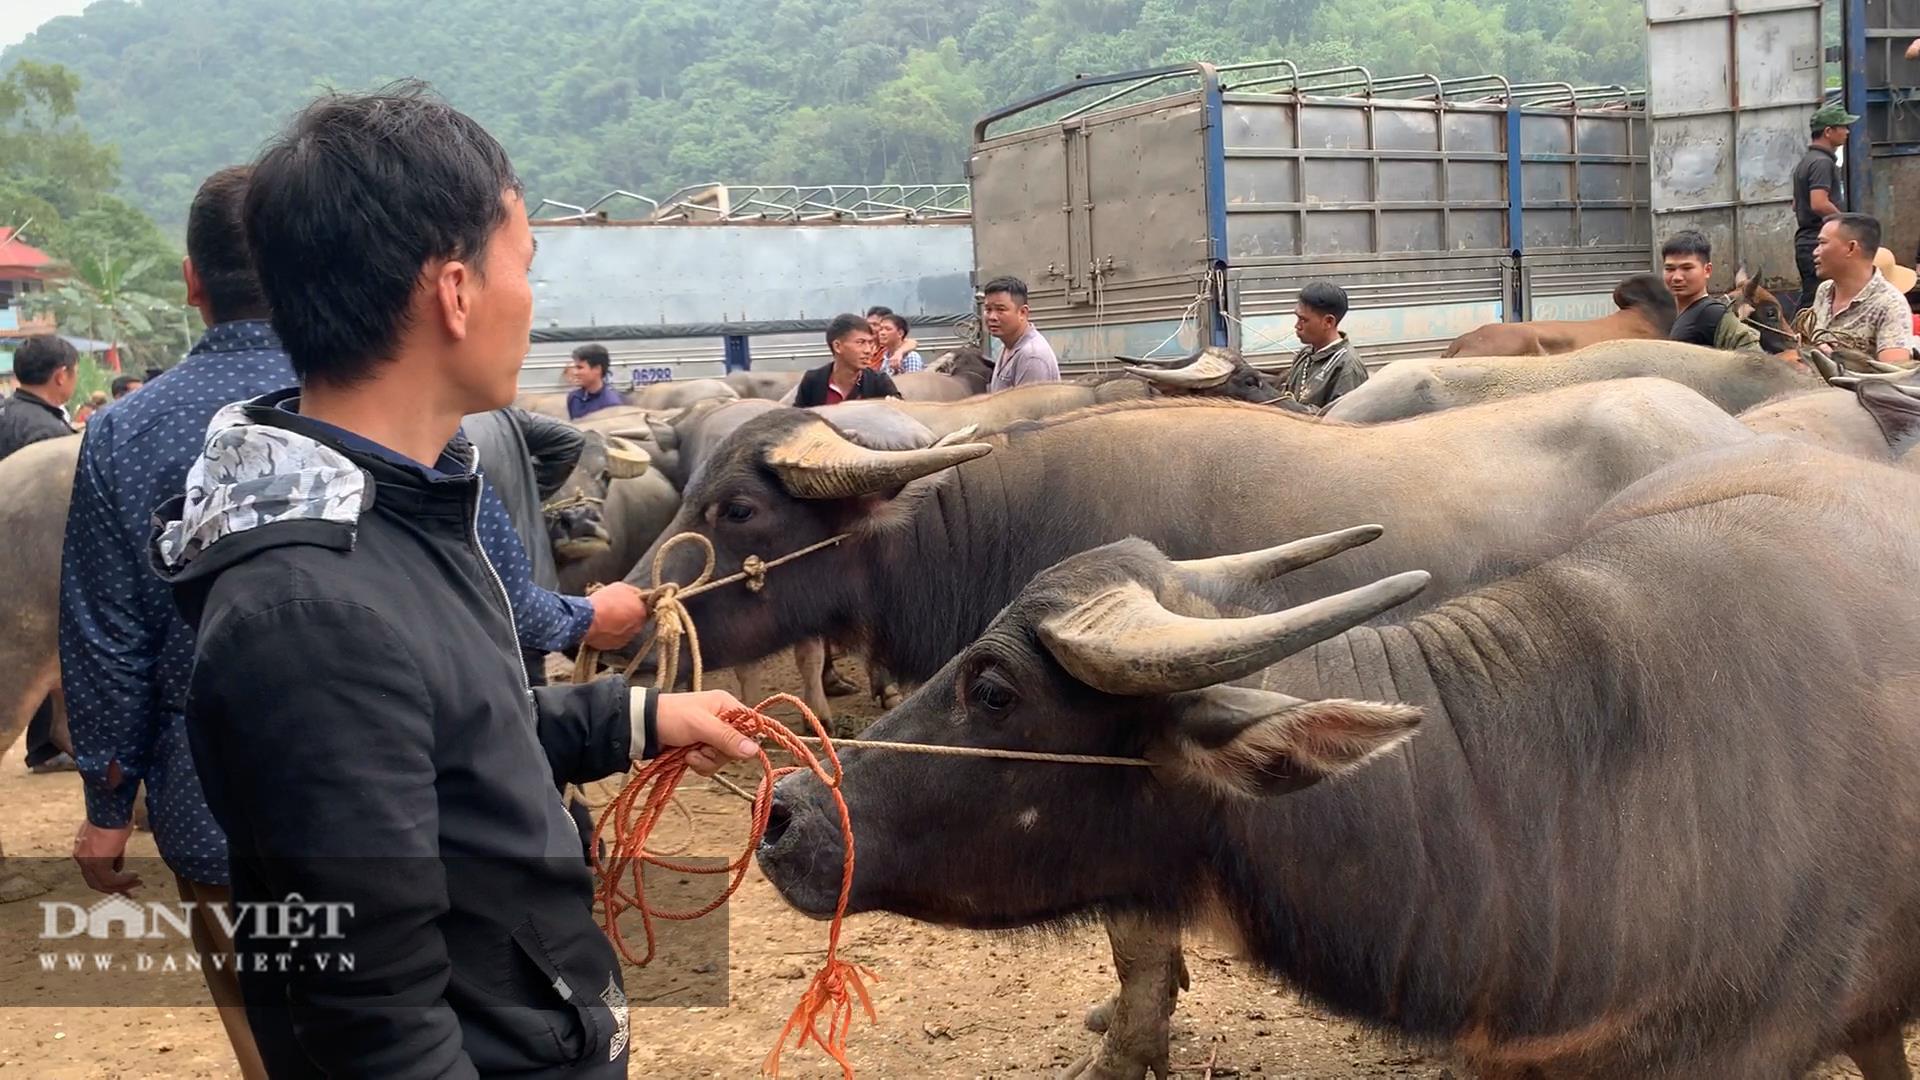 Bắc Kạn khó khăn trong công tác kiểm soát dịch bệnh tại chợ trâu, bò Nghiên Loan - Ảnh 4.